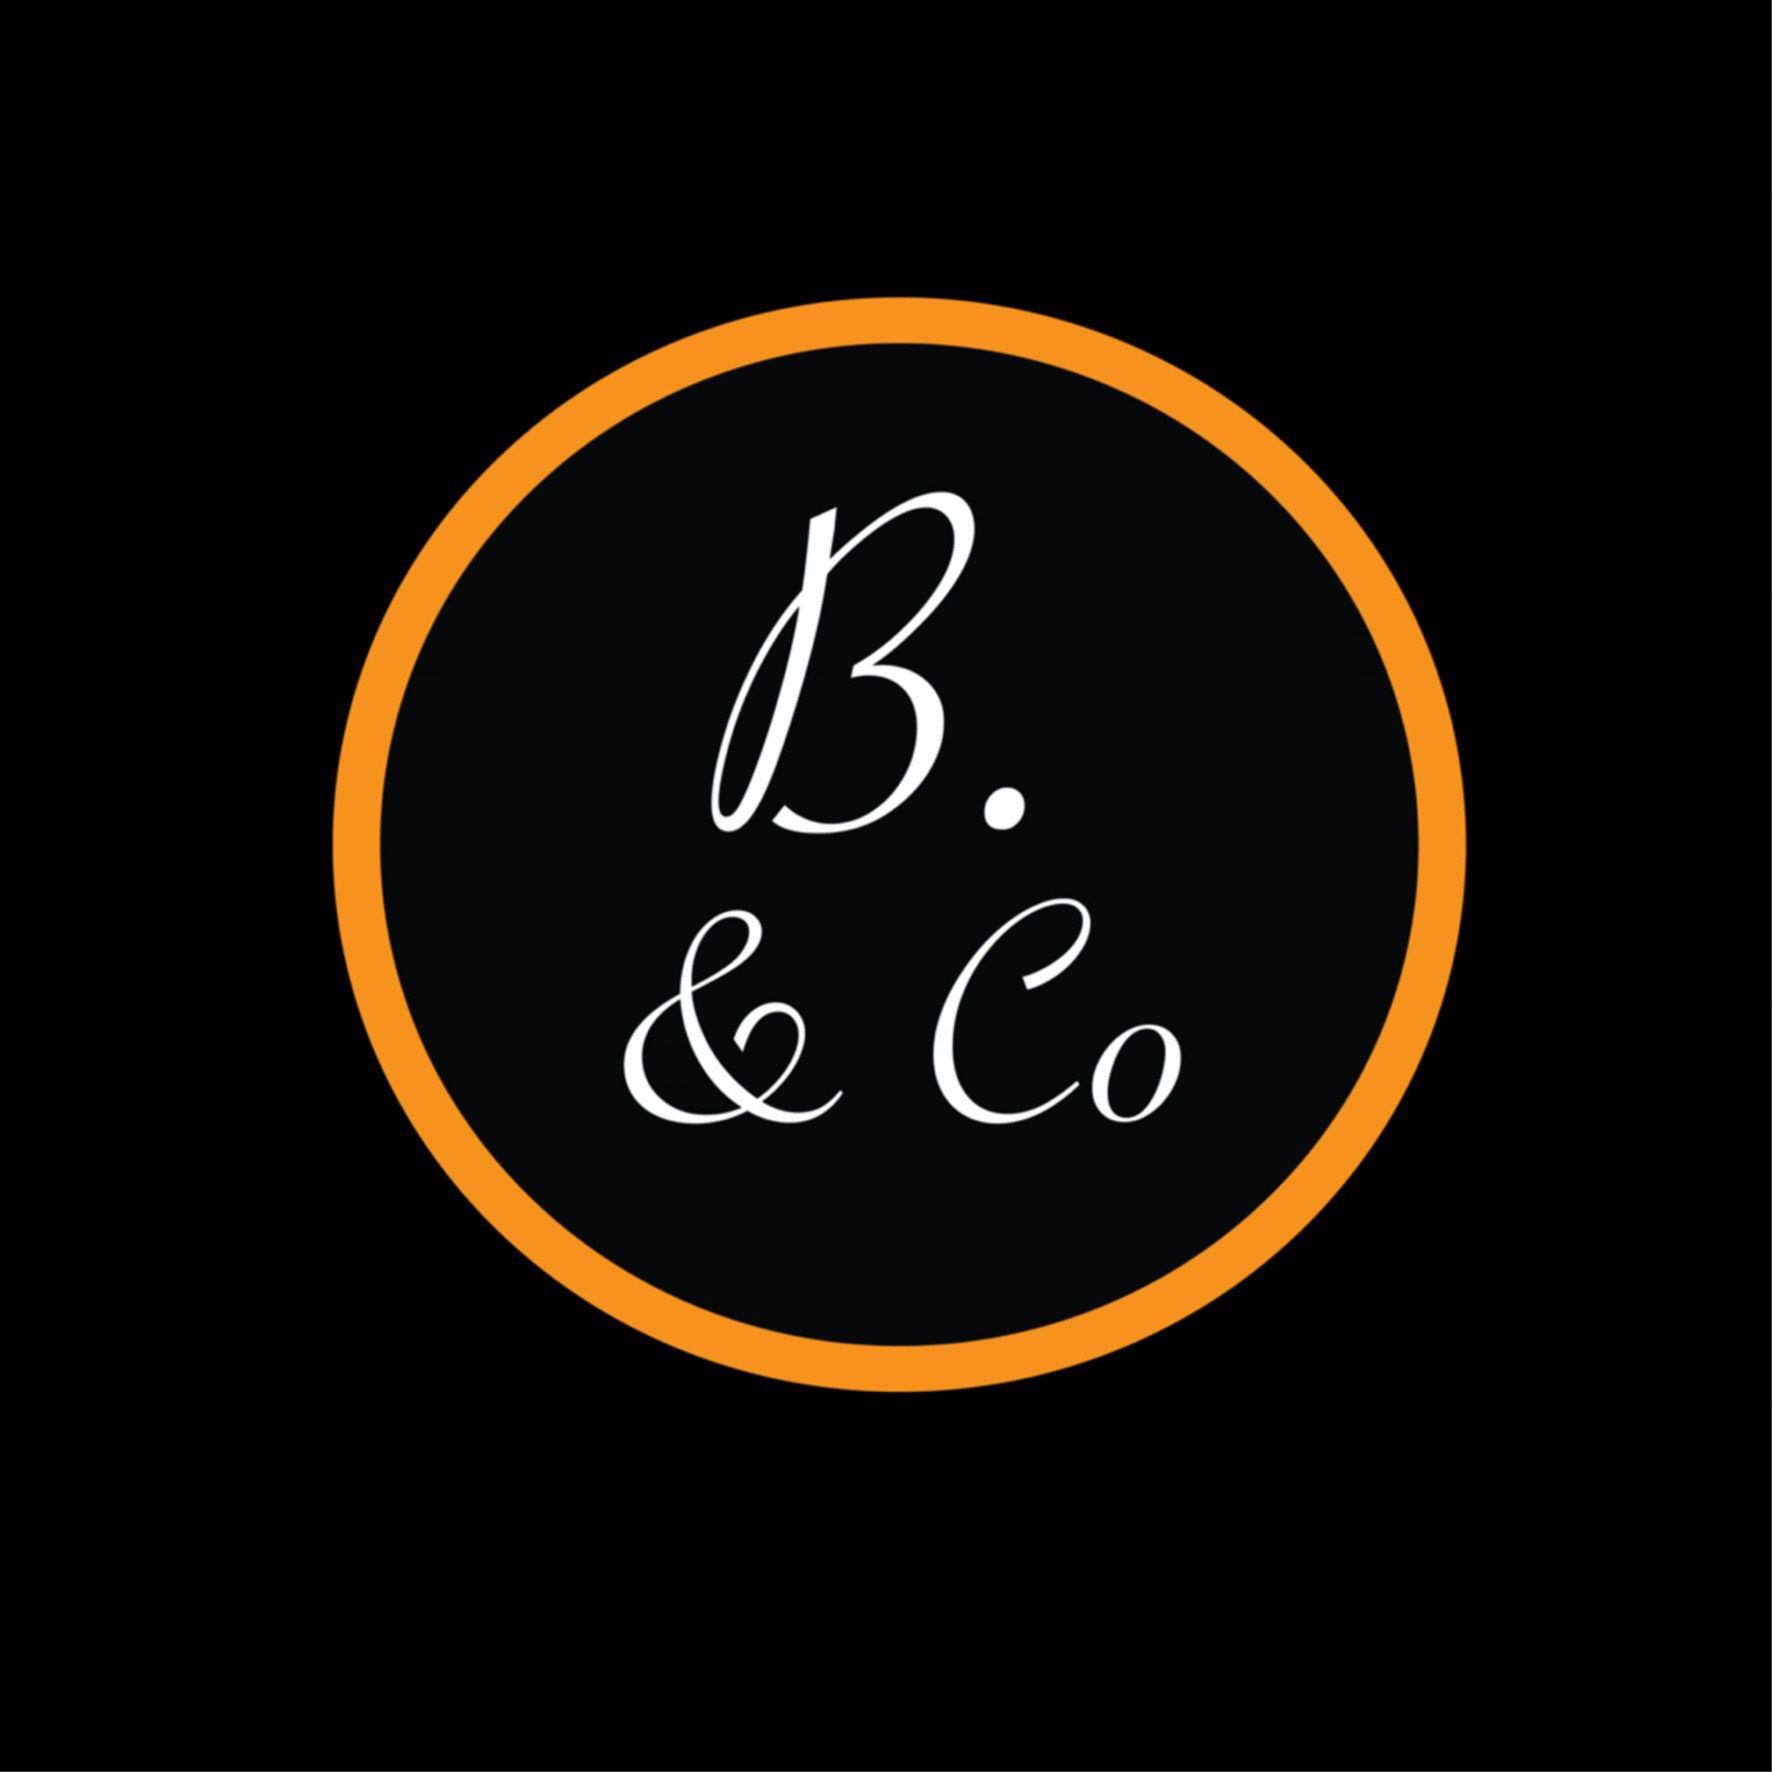 Bistro & Co restaurant